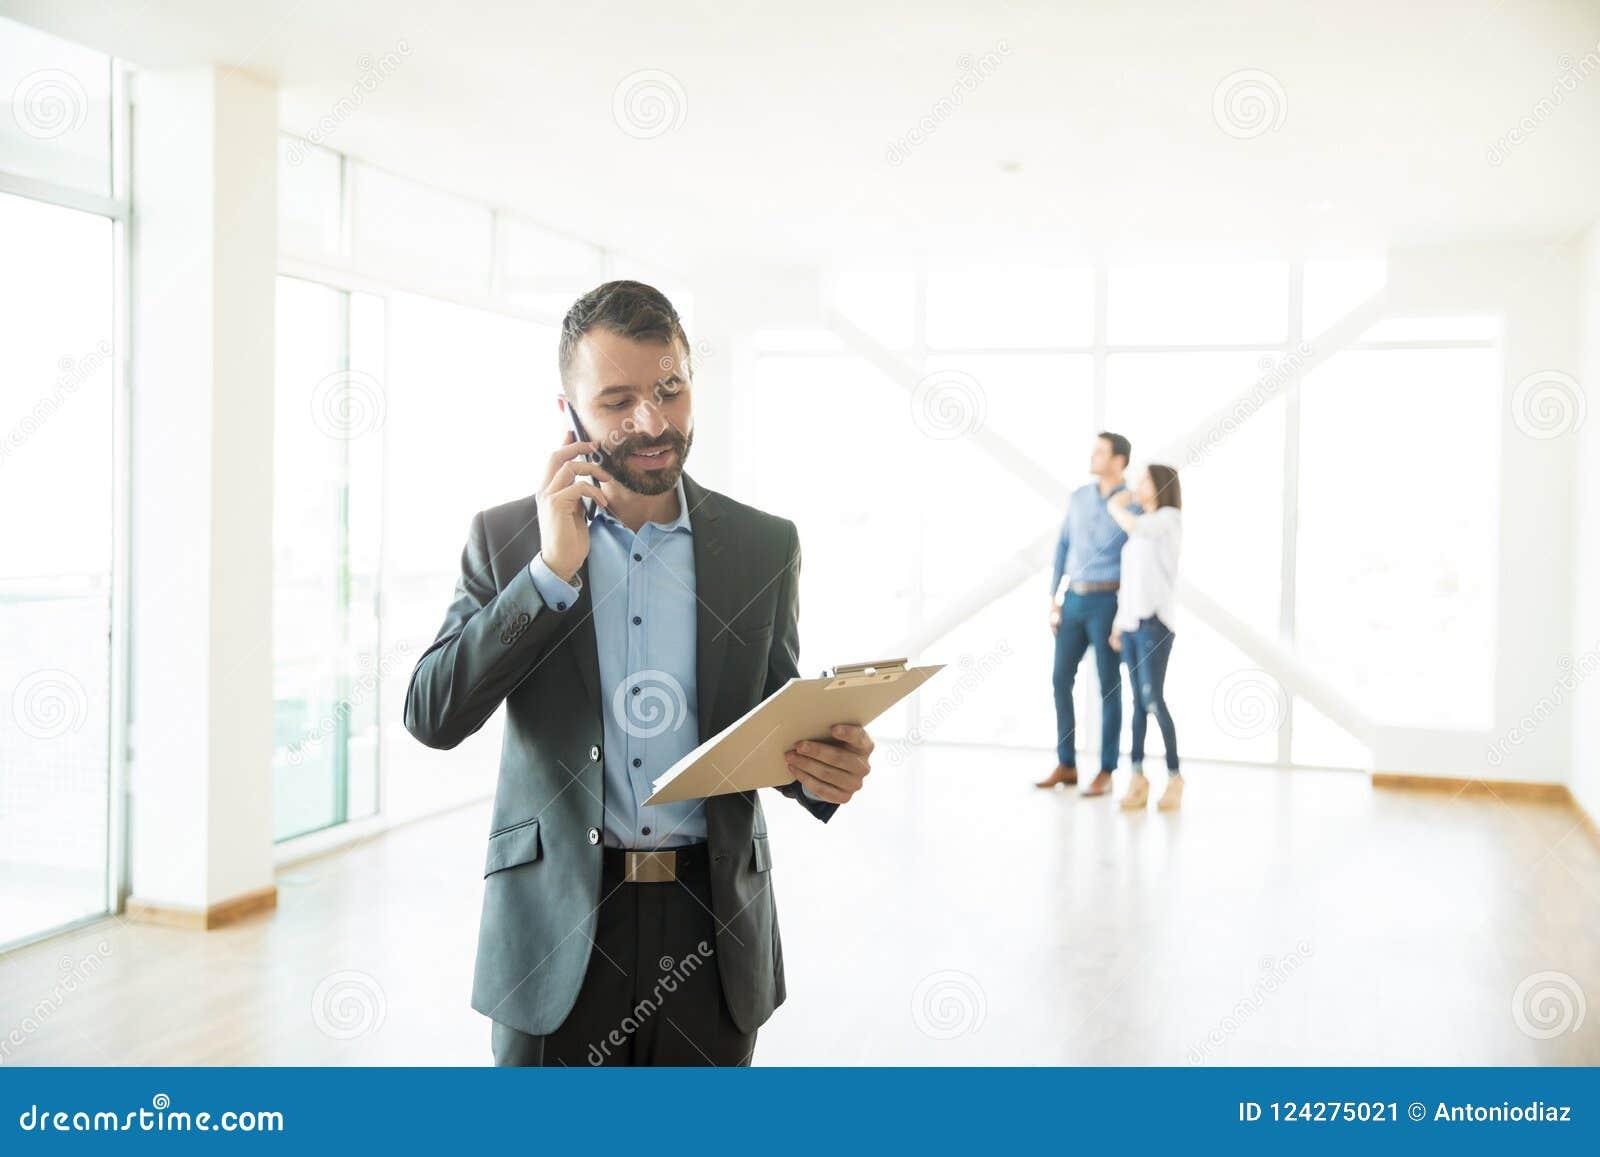 Mediador imobiliário Using Mobile Phone na casa nova